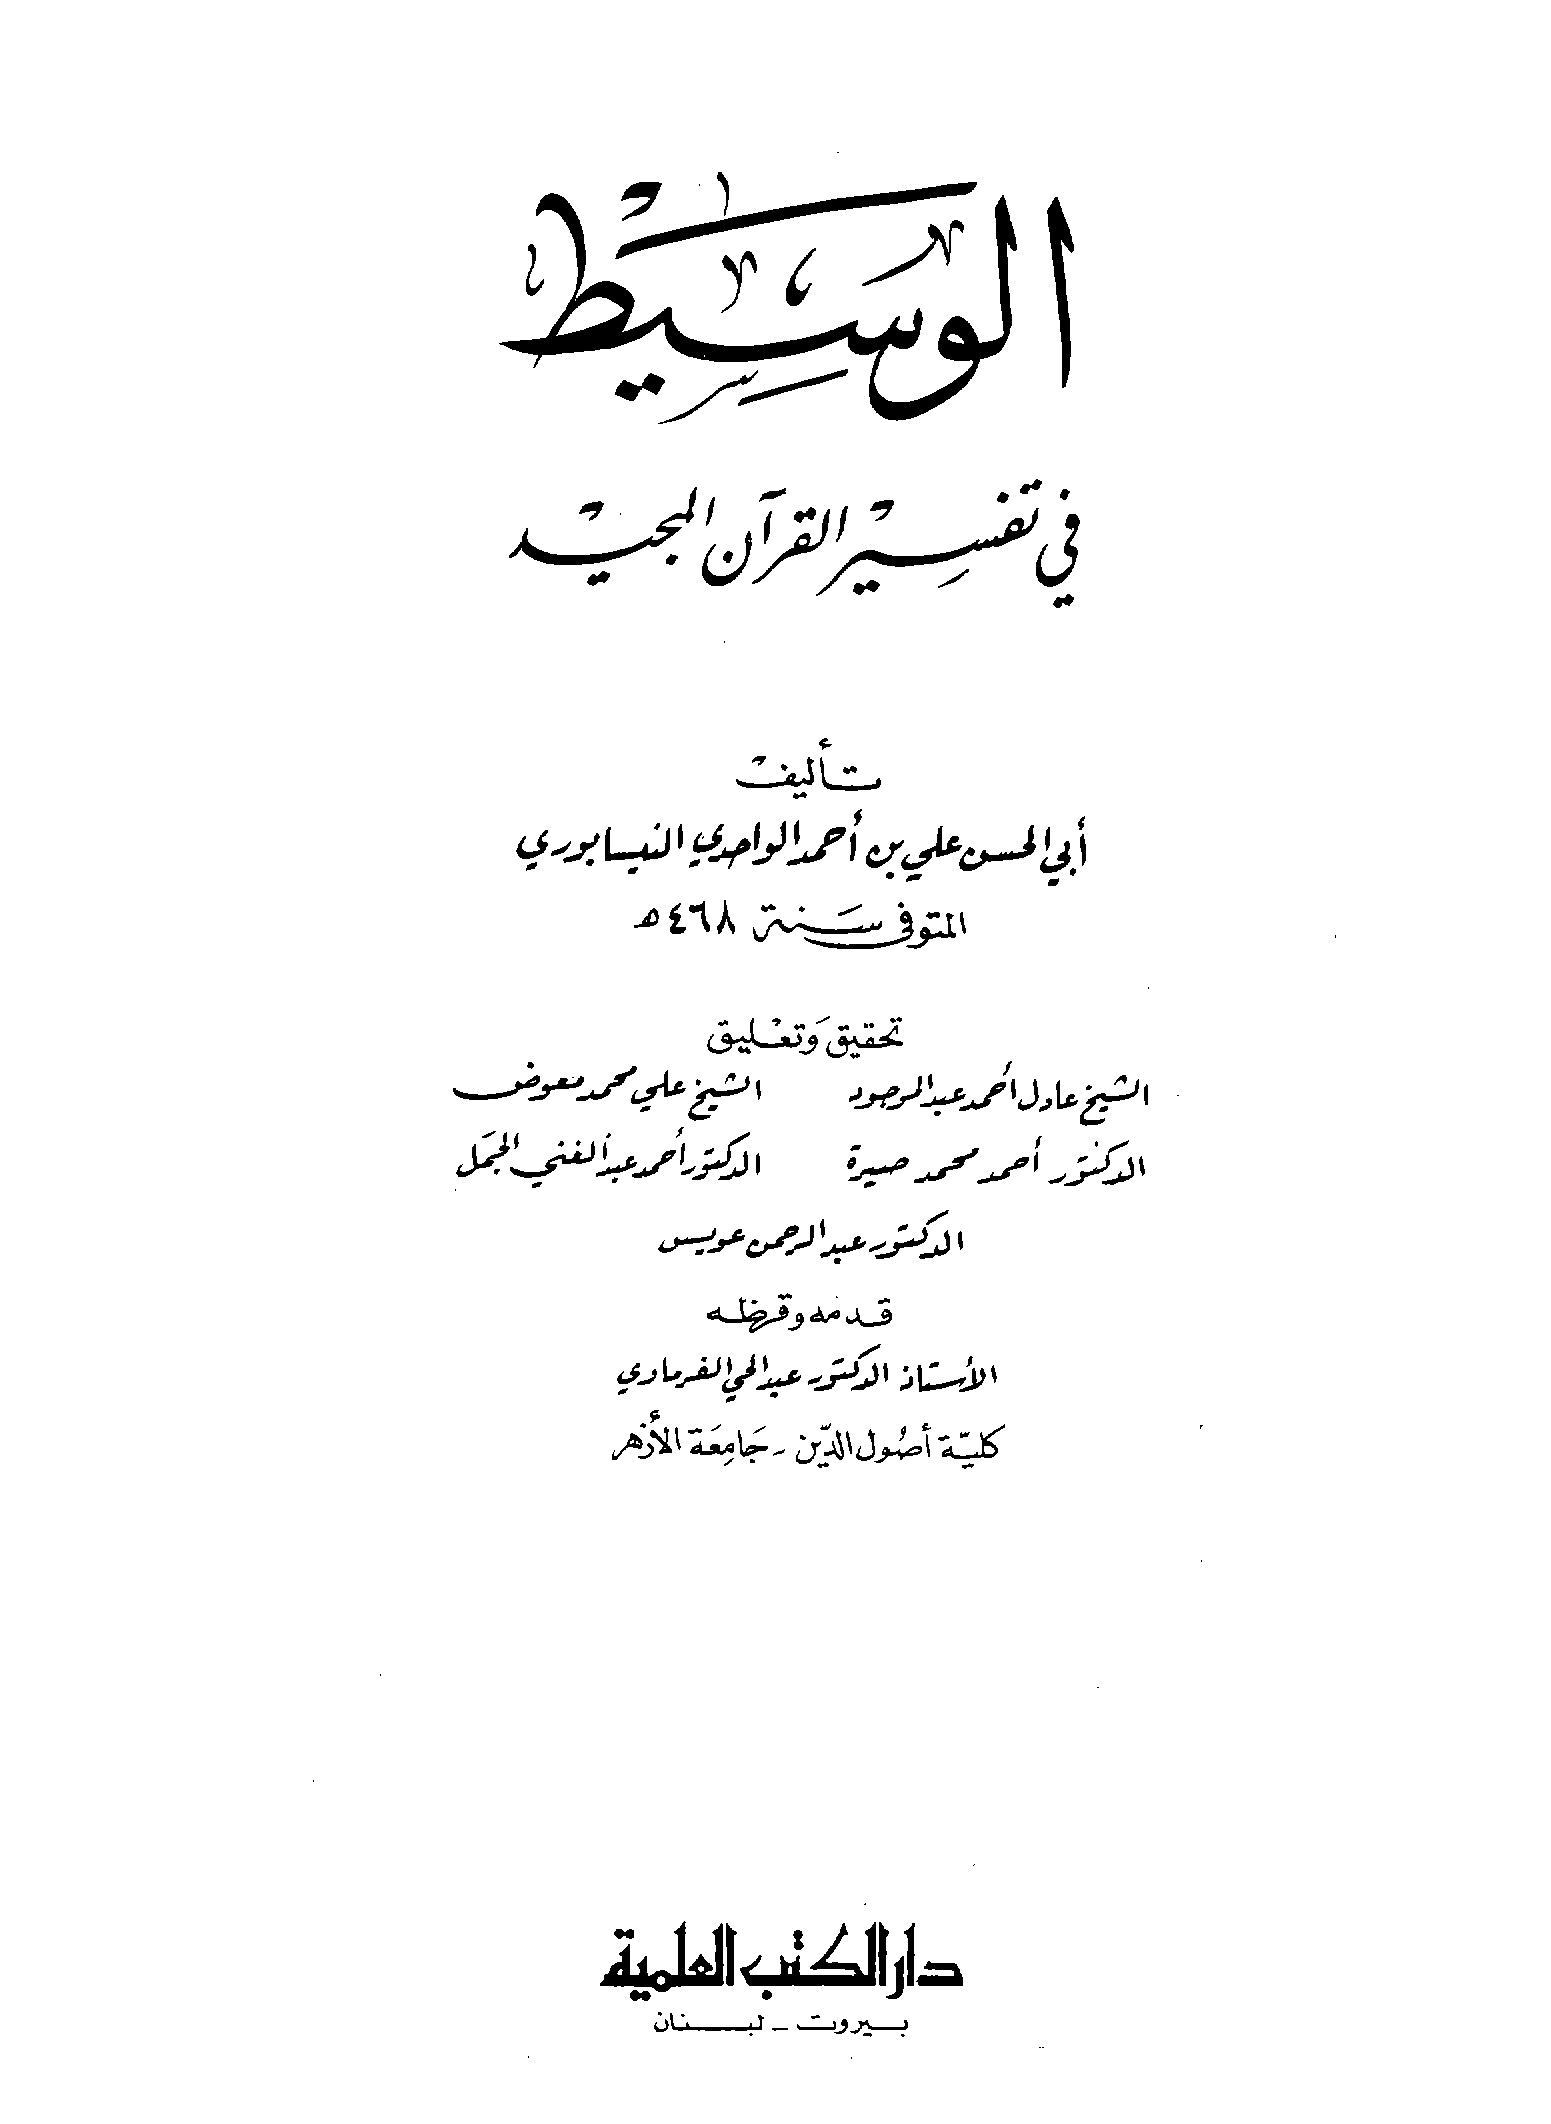 تحميل كتاب الوسيط في تفسير القرآن المجيد لـِ: الإمام أبو الحسن علي بن أحمد بن محمد بن علي الواحدي (ت 468)